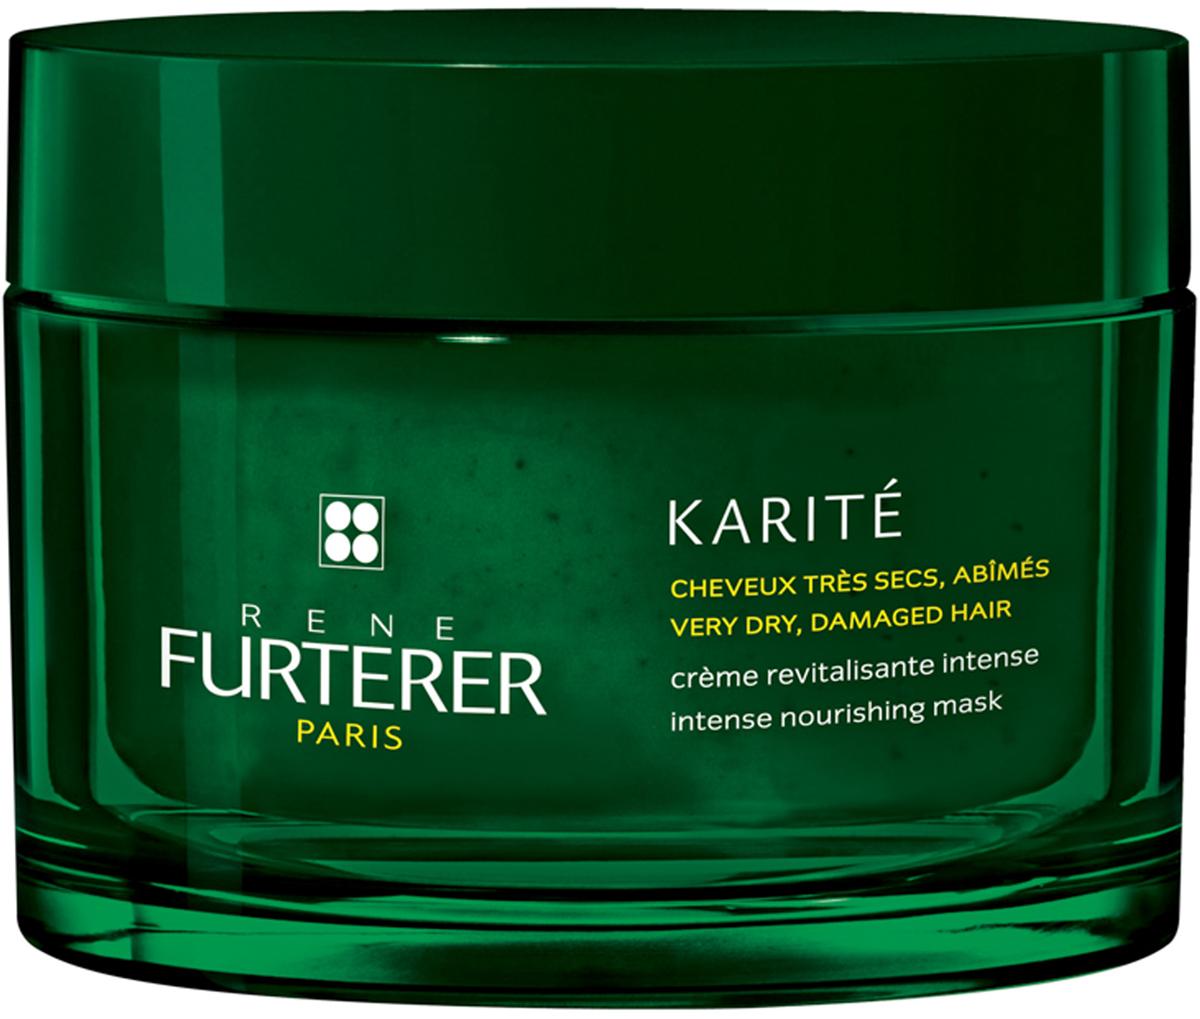 Rene Furterer Karite Питательный крем-бальзам для очень сухих и поврежденных волос, 200 млA8443000Крем-бальзам - это насыщенная кремовая маска, с высоким содержанием масла карите, для интенсивного питания волос. Мгновенно возвращает мягкость и шелковистость даже очень сухим волосам. Обладает превосходными восстанавливающими свойствами. Облегчает расчесывание. Волосы становятся более сильными и эластичными.